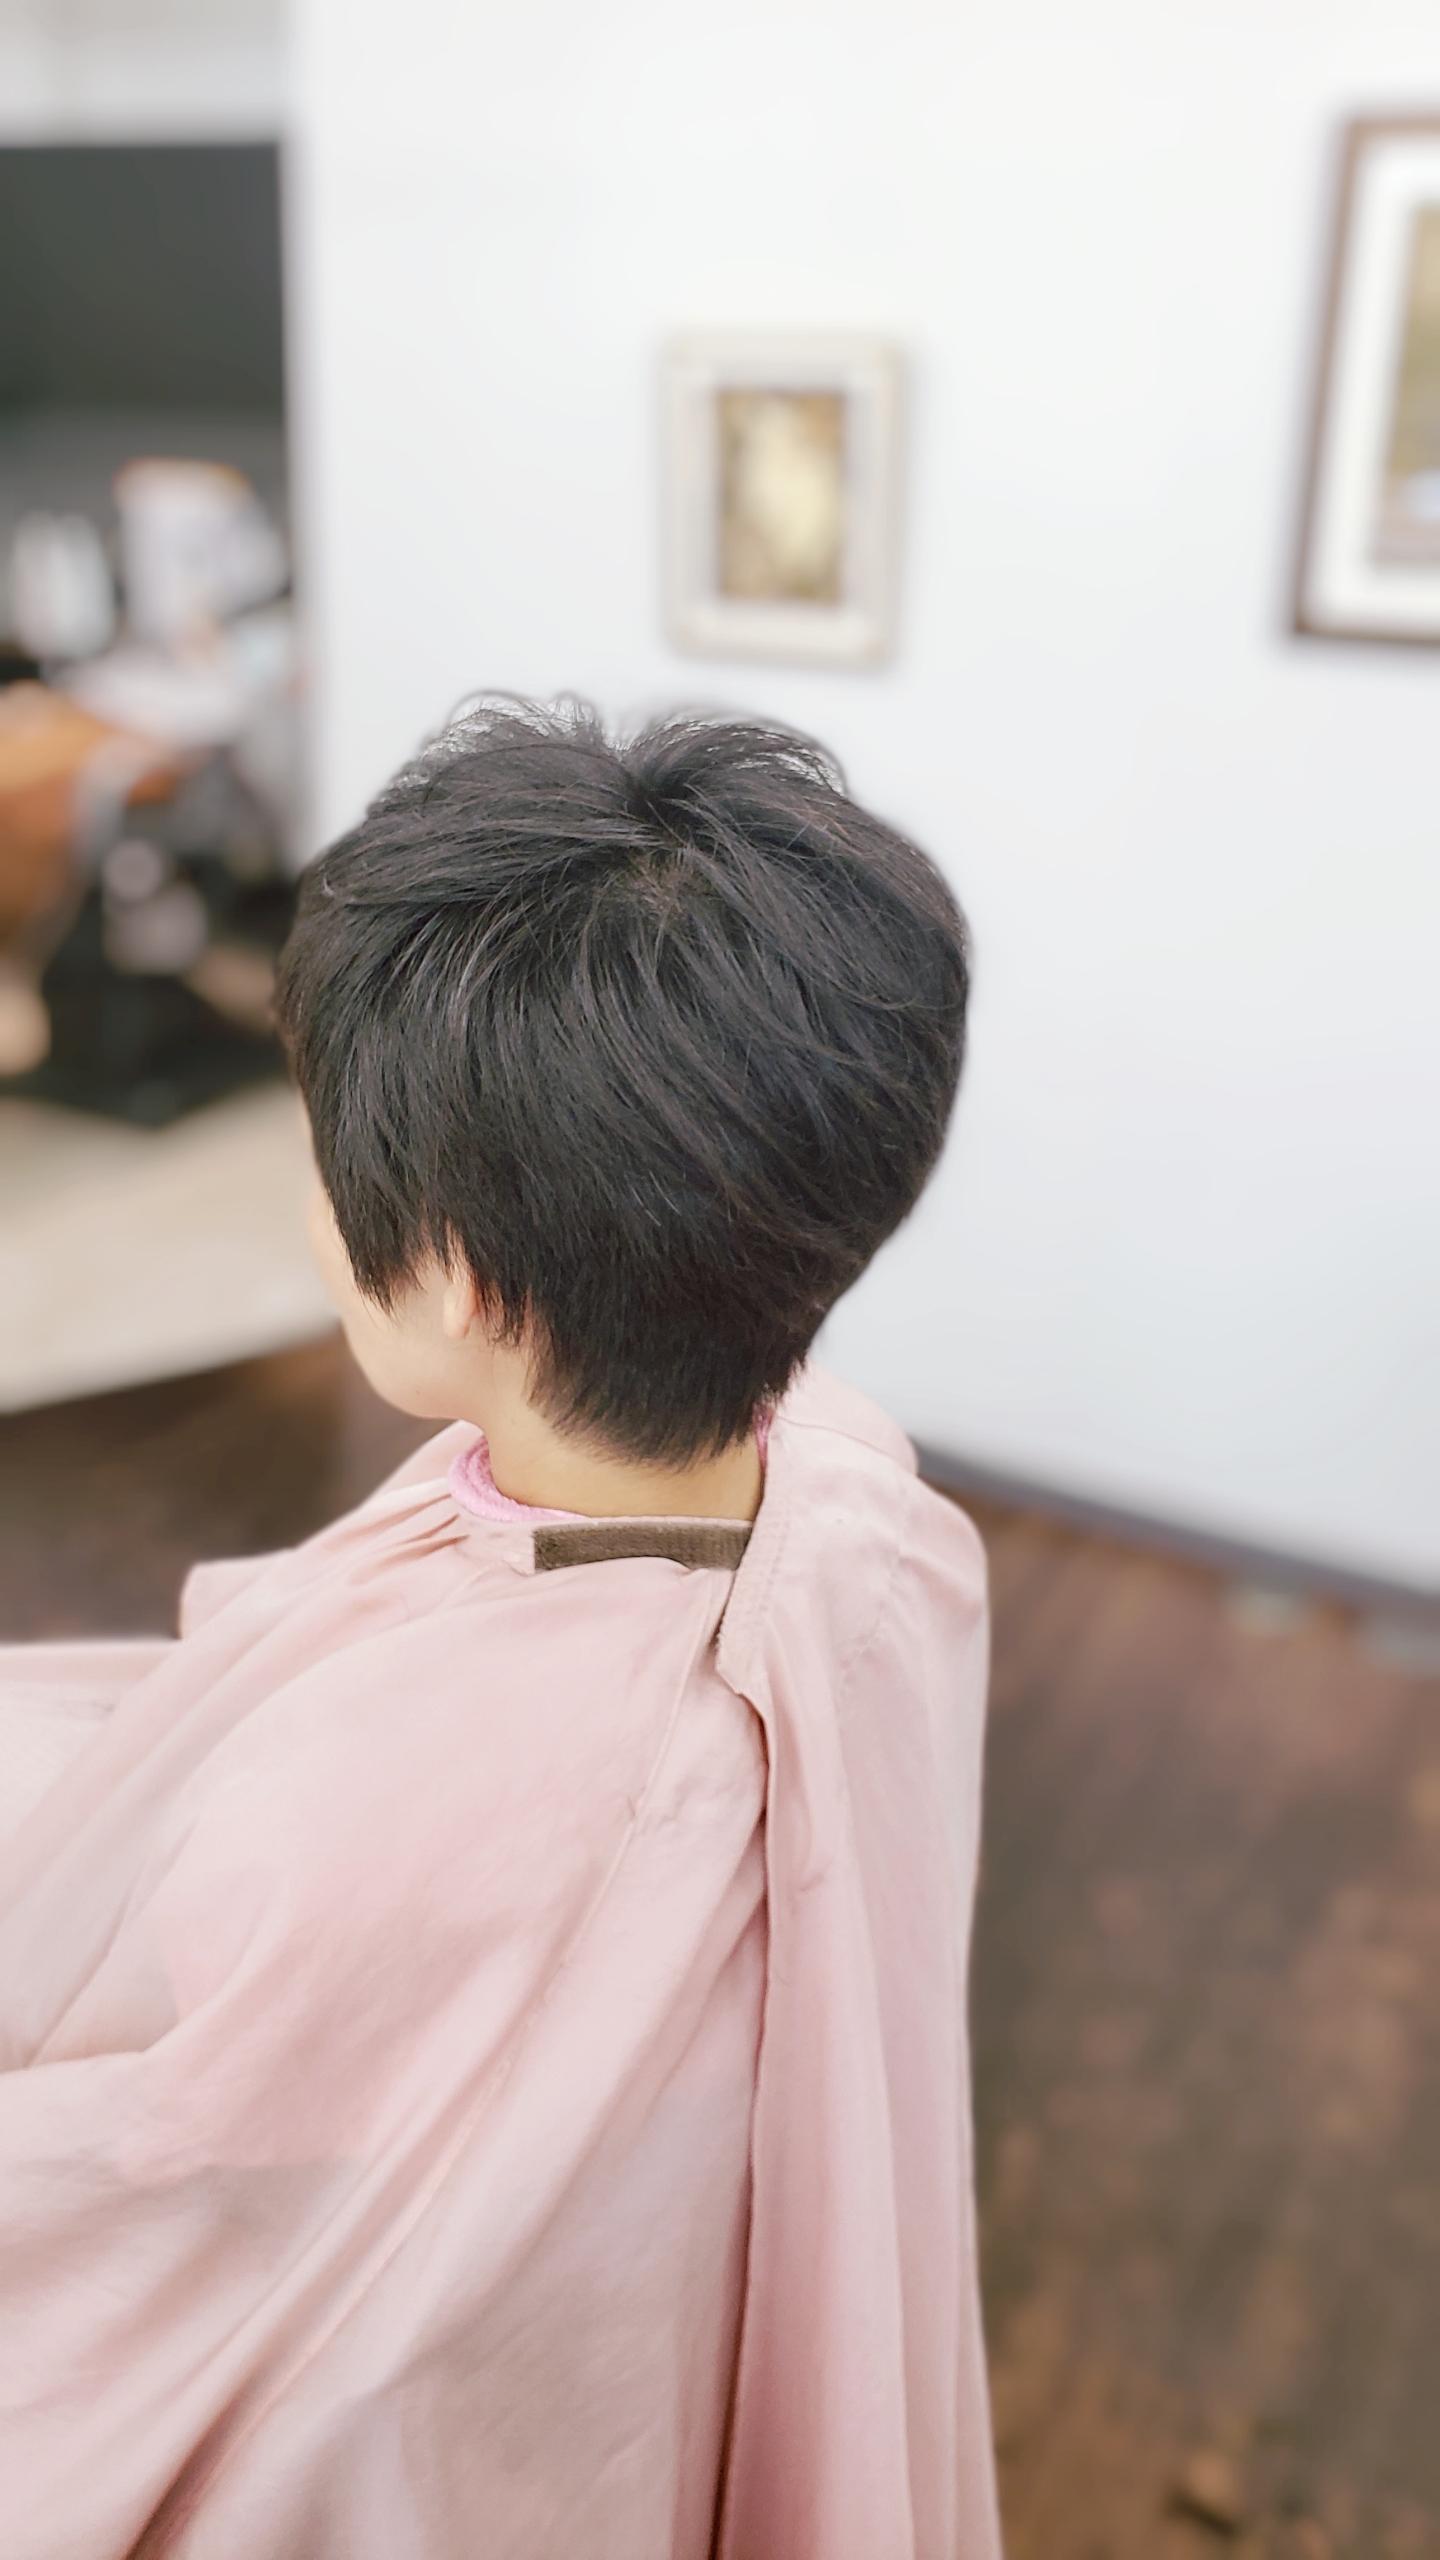 髪が多すぎて困るんです。